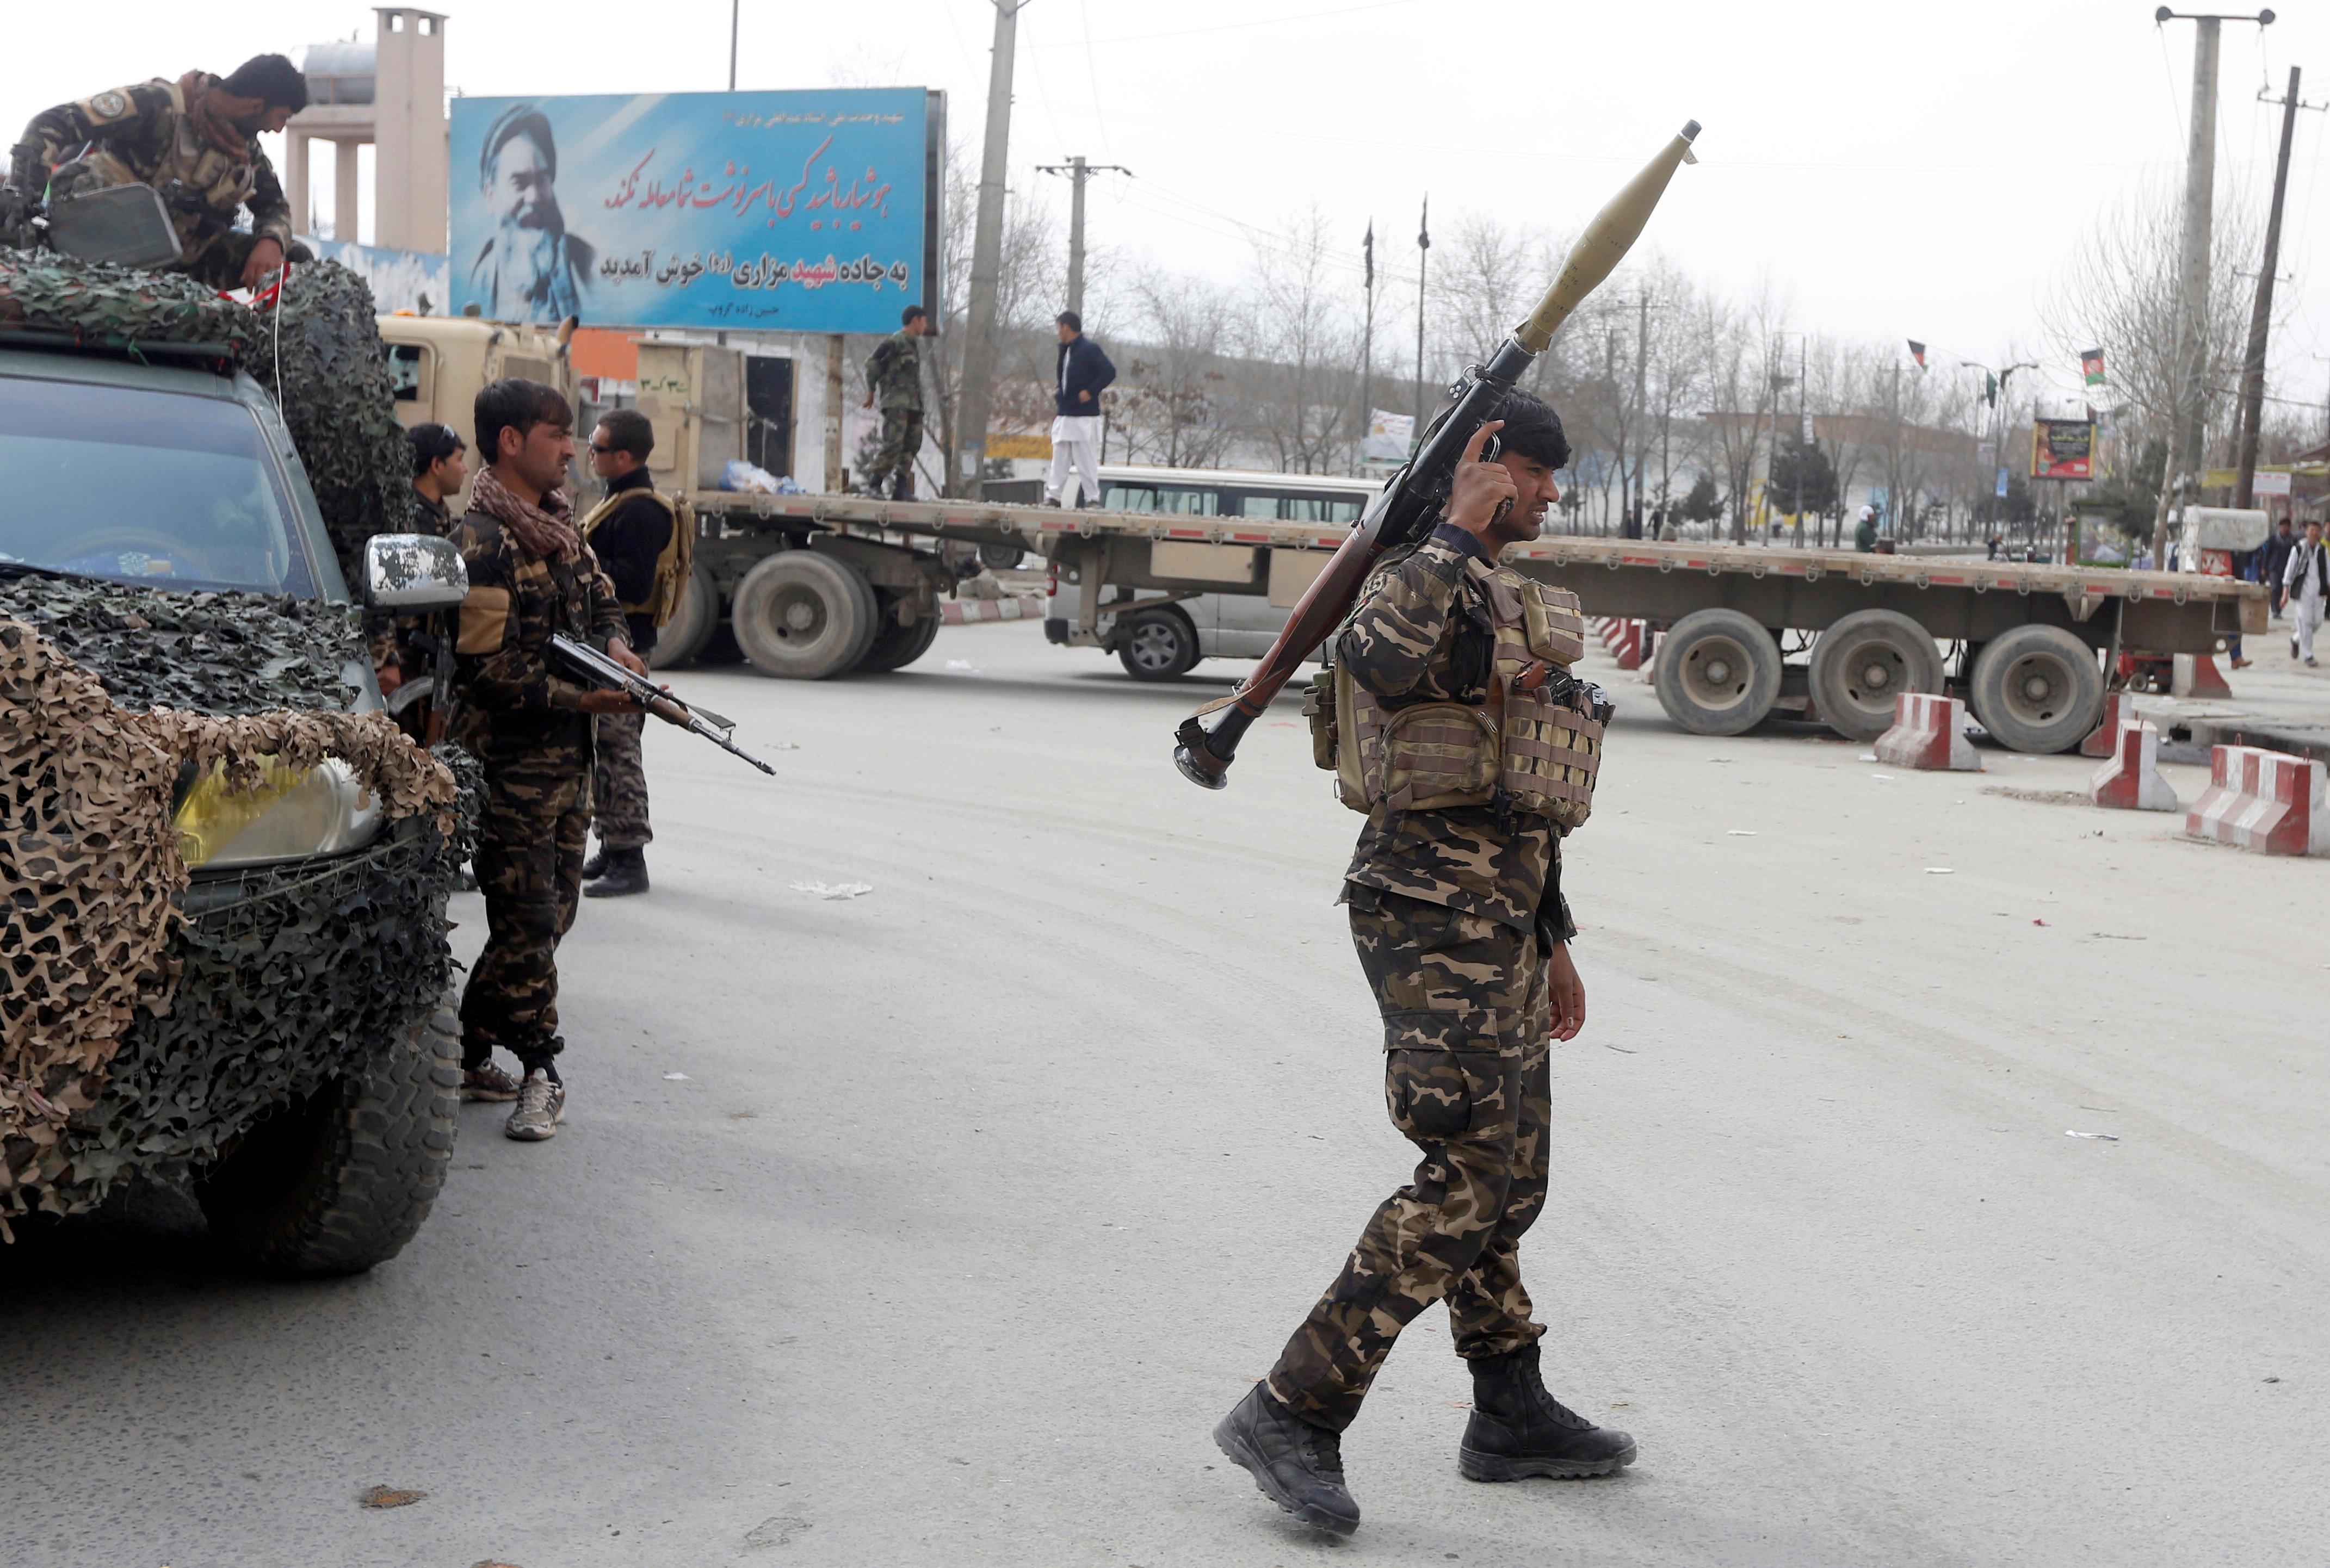 Τουλάχιστον 15 στρατιώτες νεκροί σε νυχτερινή επίθεση των Ταλιμπάν στο